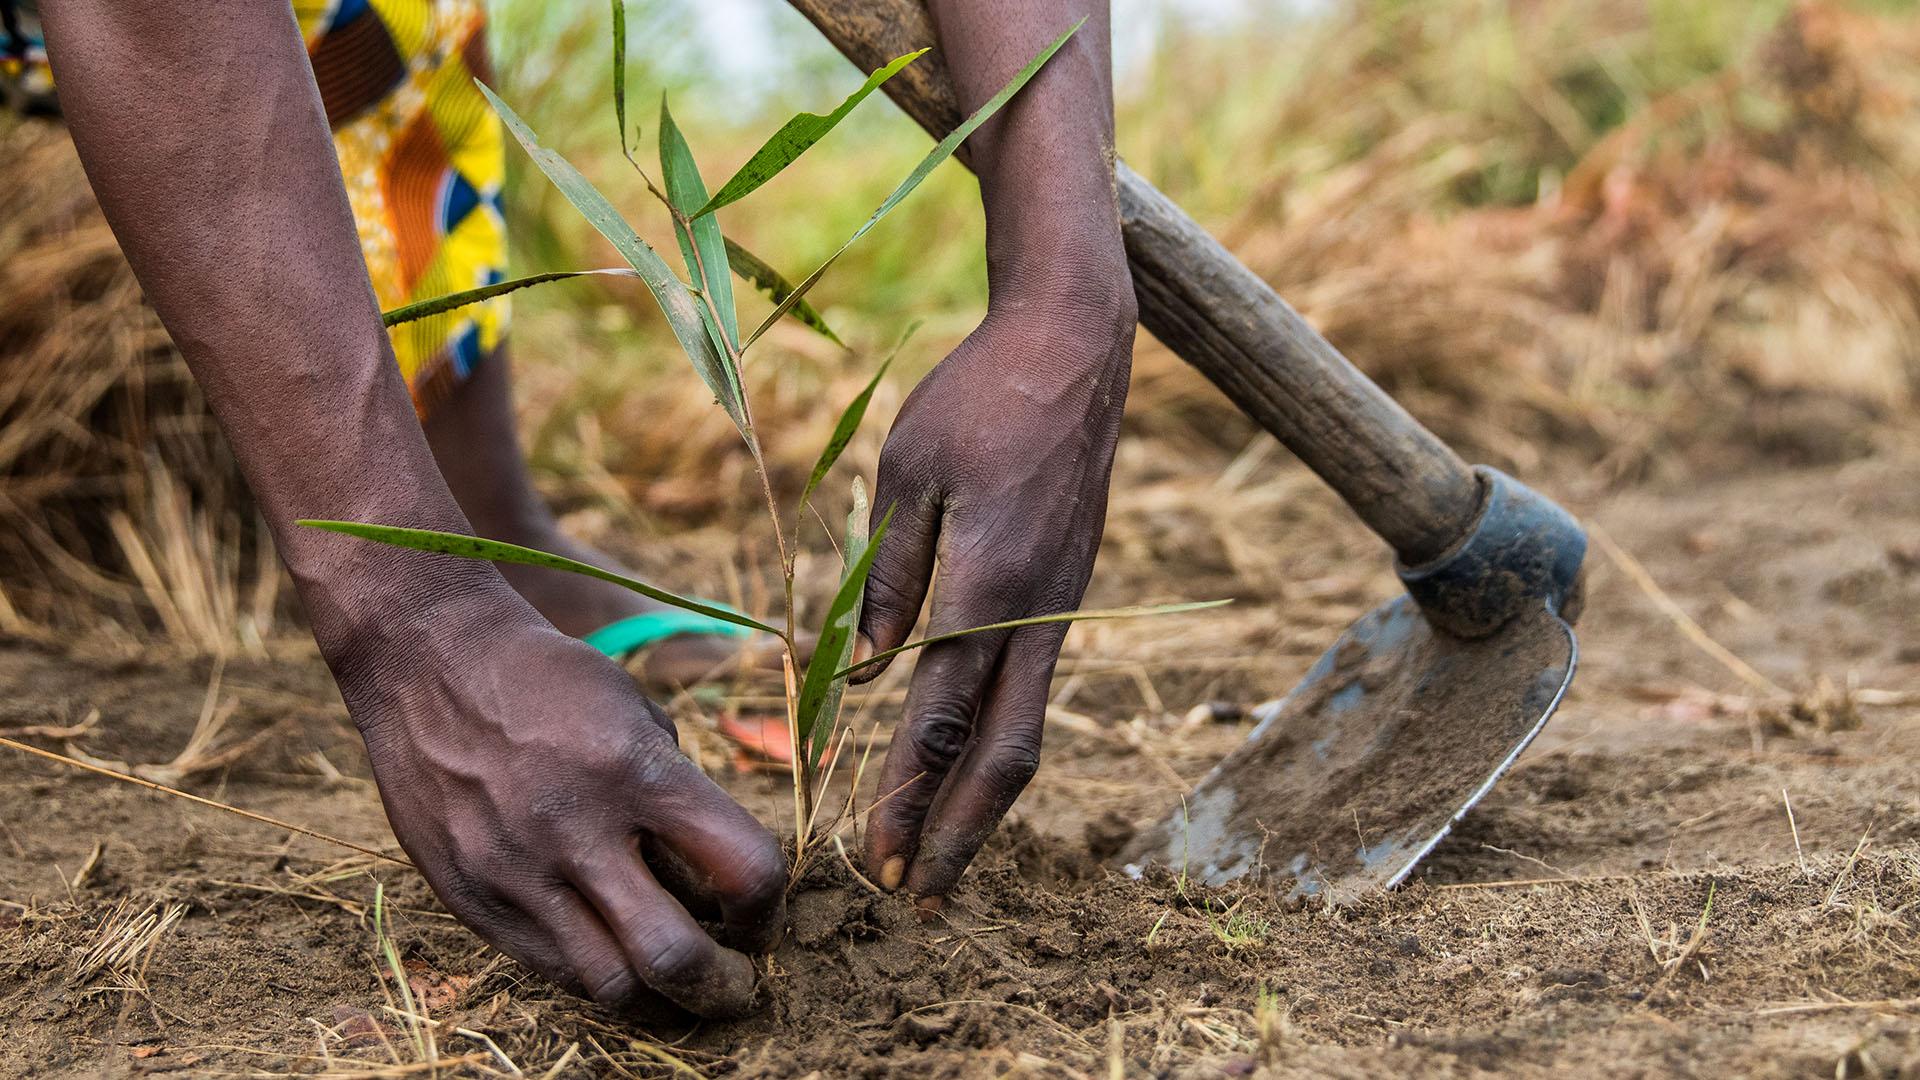 Kleinbauern Ernährungsgipfel UN UNFSS